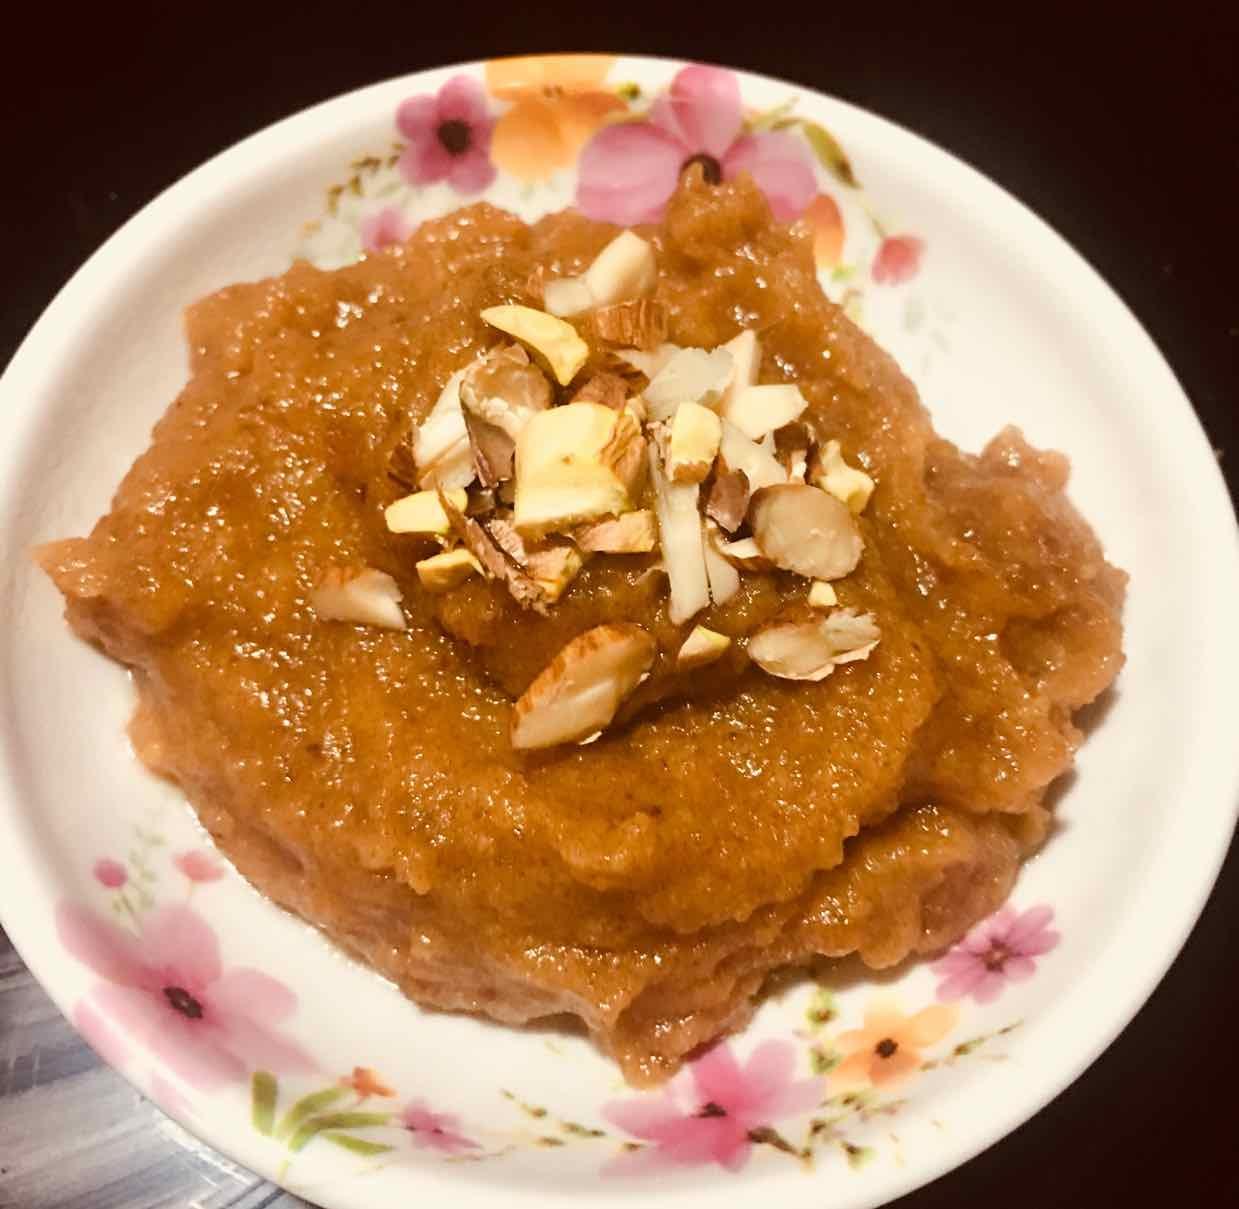 How to make dates-lentil halwa